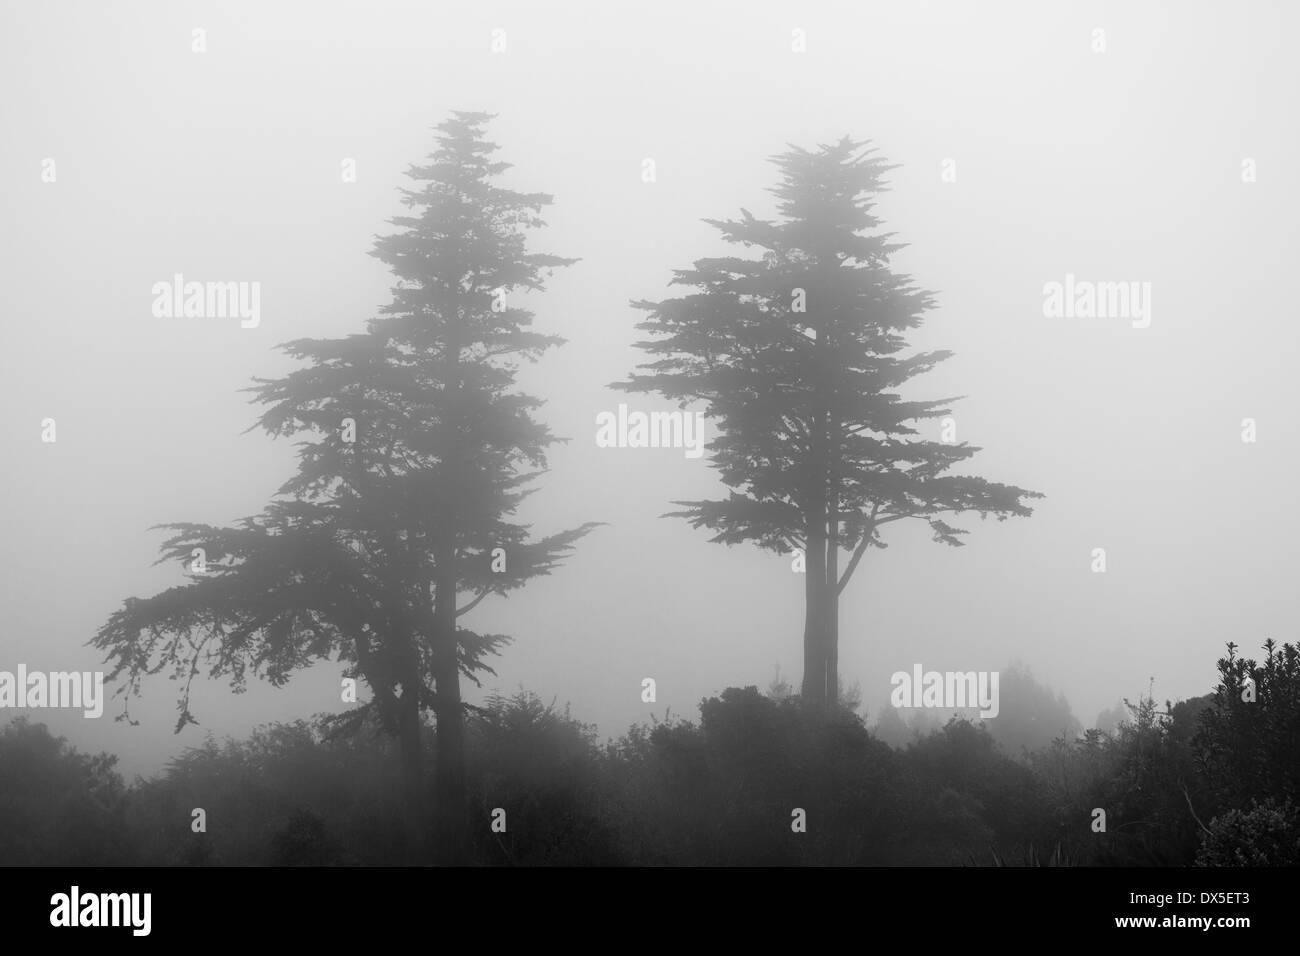 Zwei Kiefern im Nebel / niedrige Wolke Stockbild